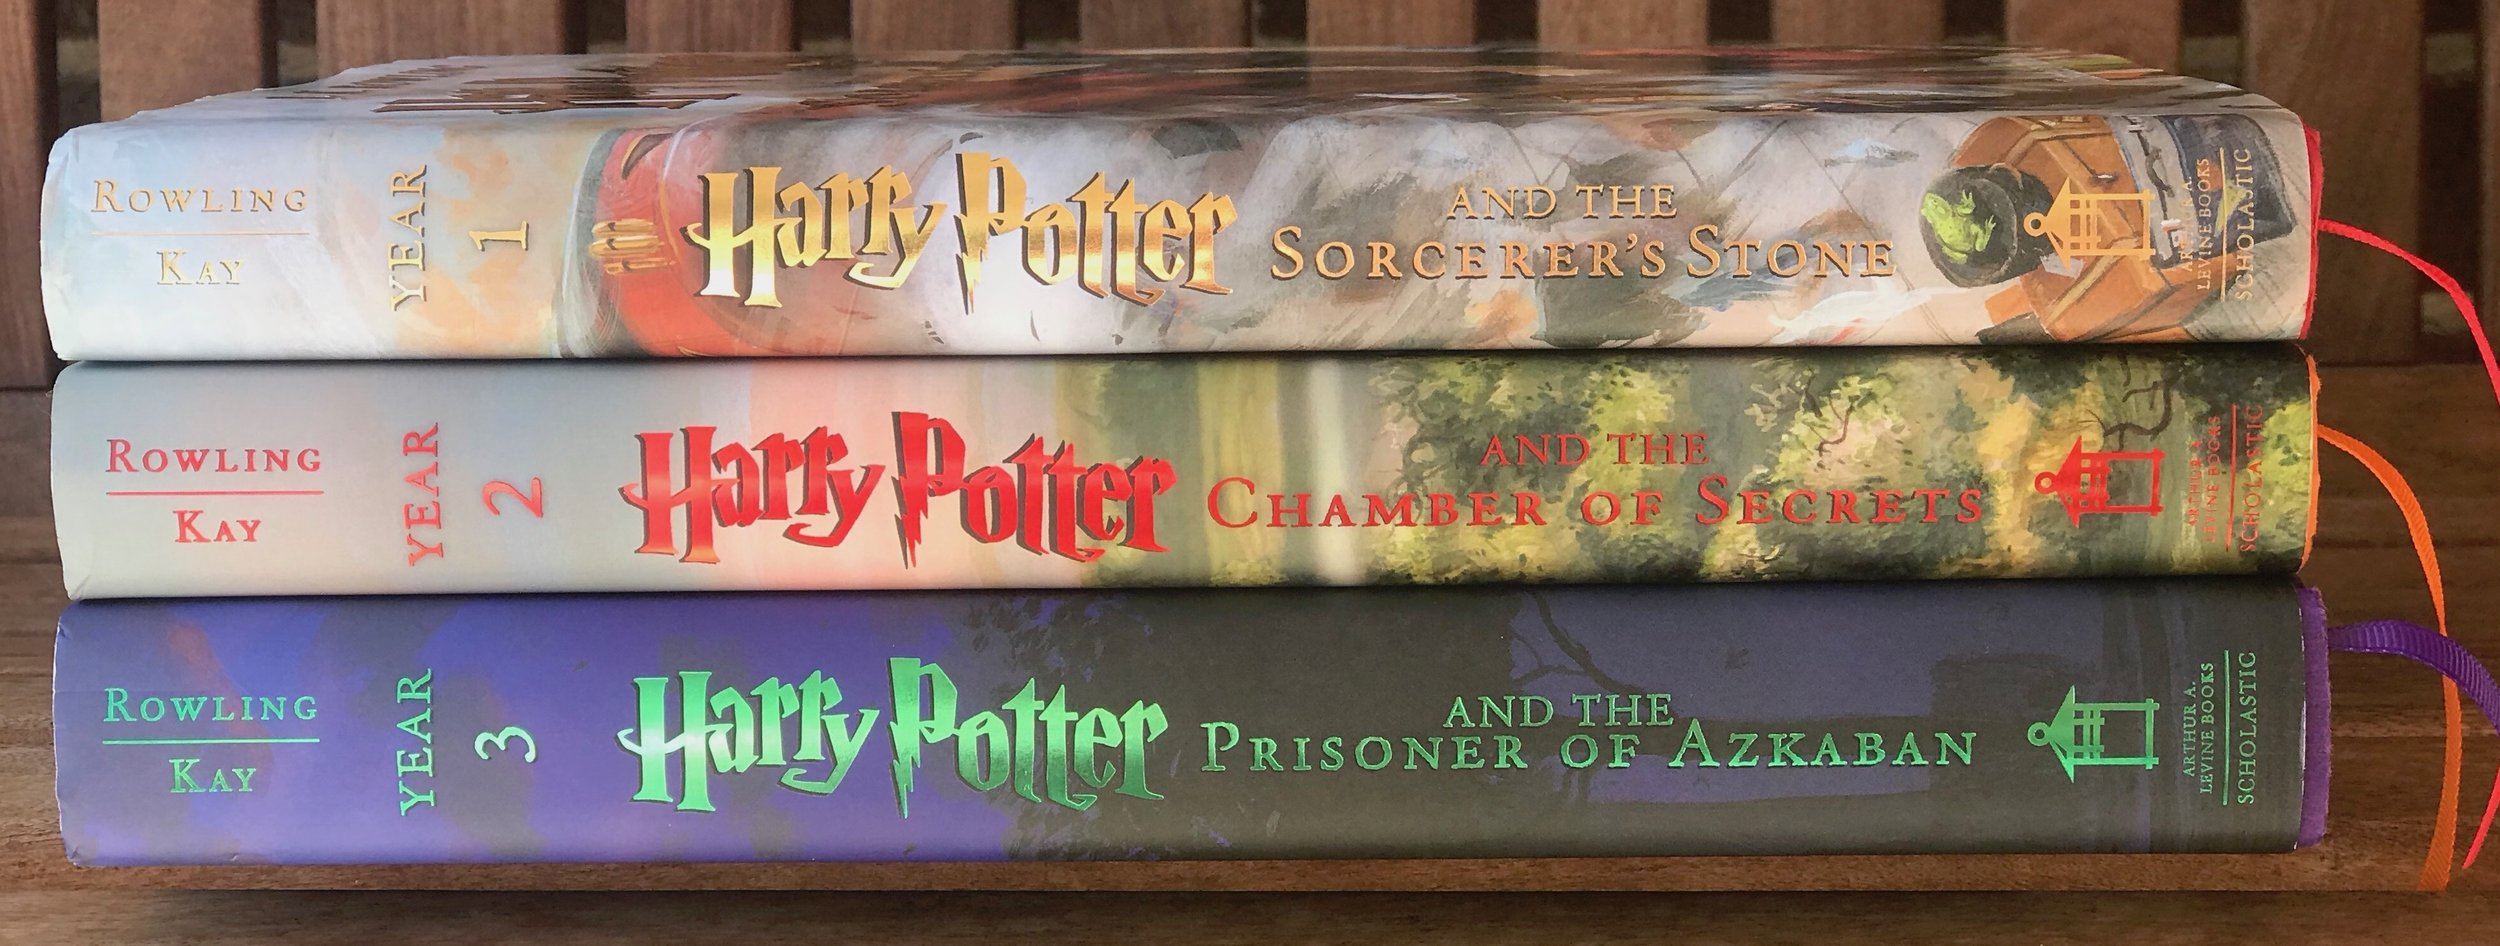 harry potter illustrated books jim kay.jpeg